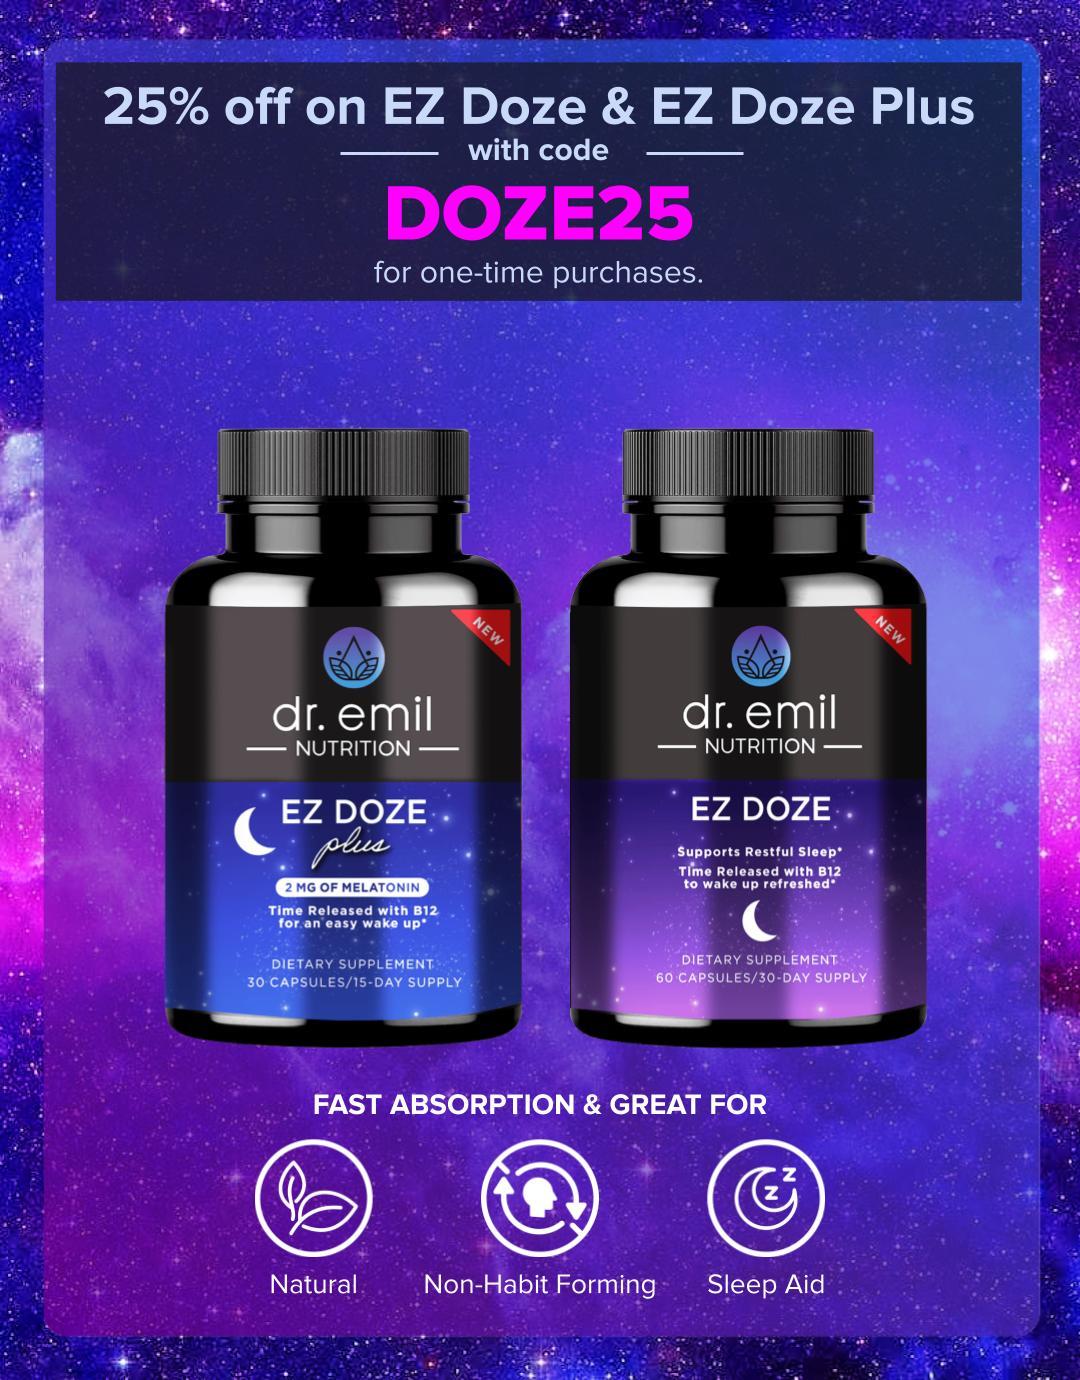 25% off on EZ Doze & EZ Doze Plus